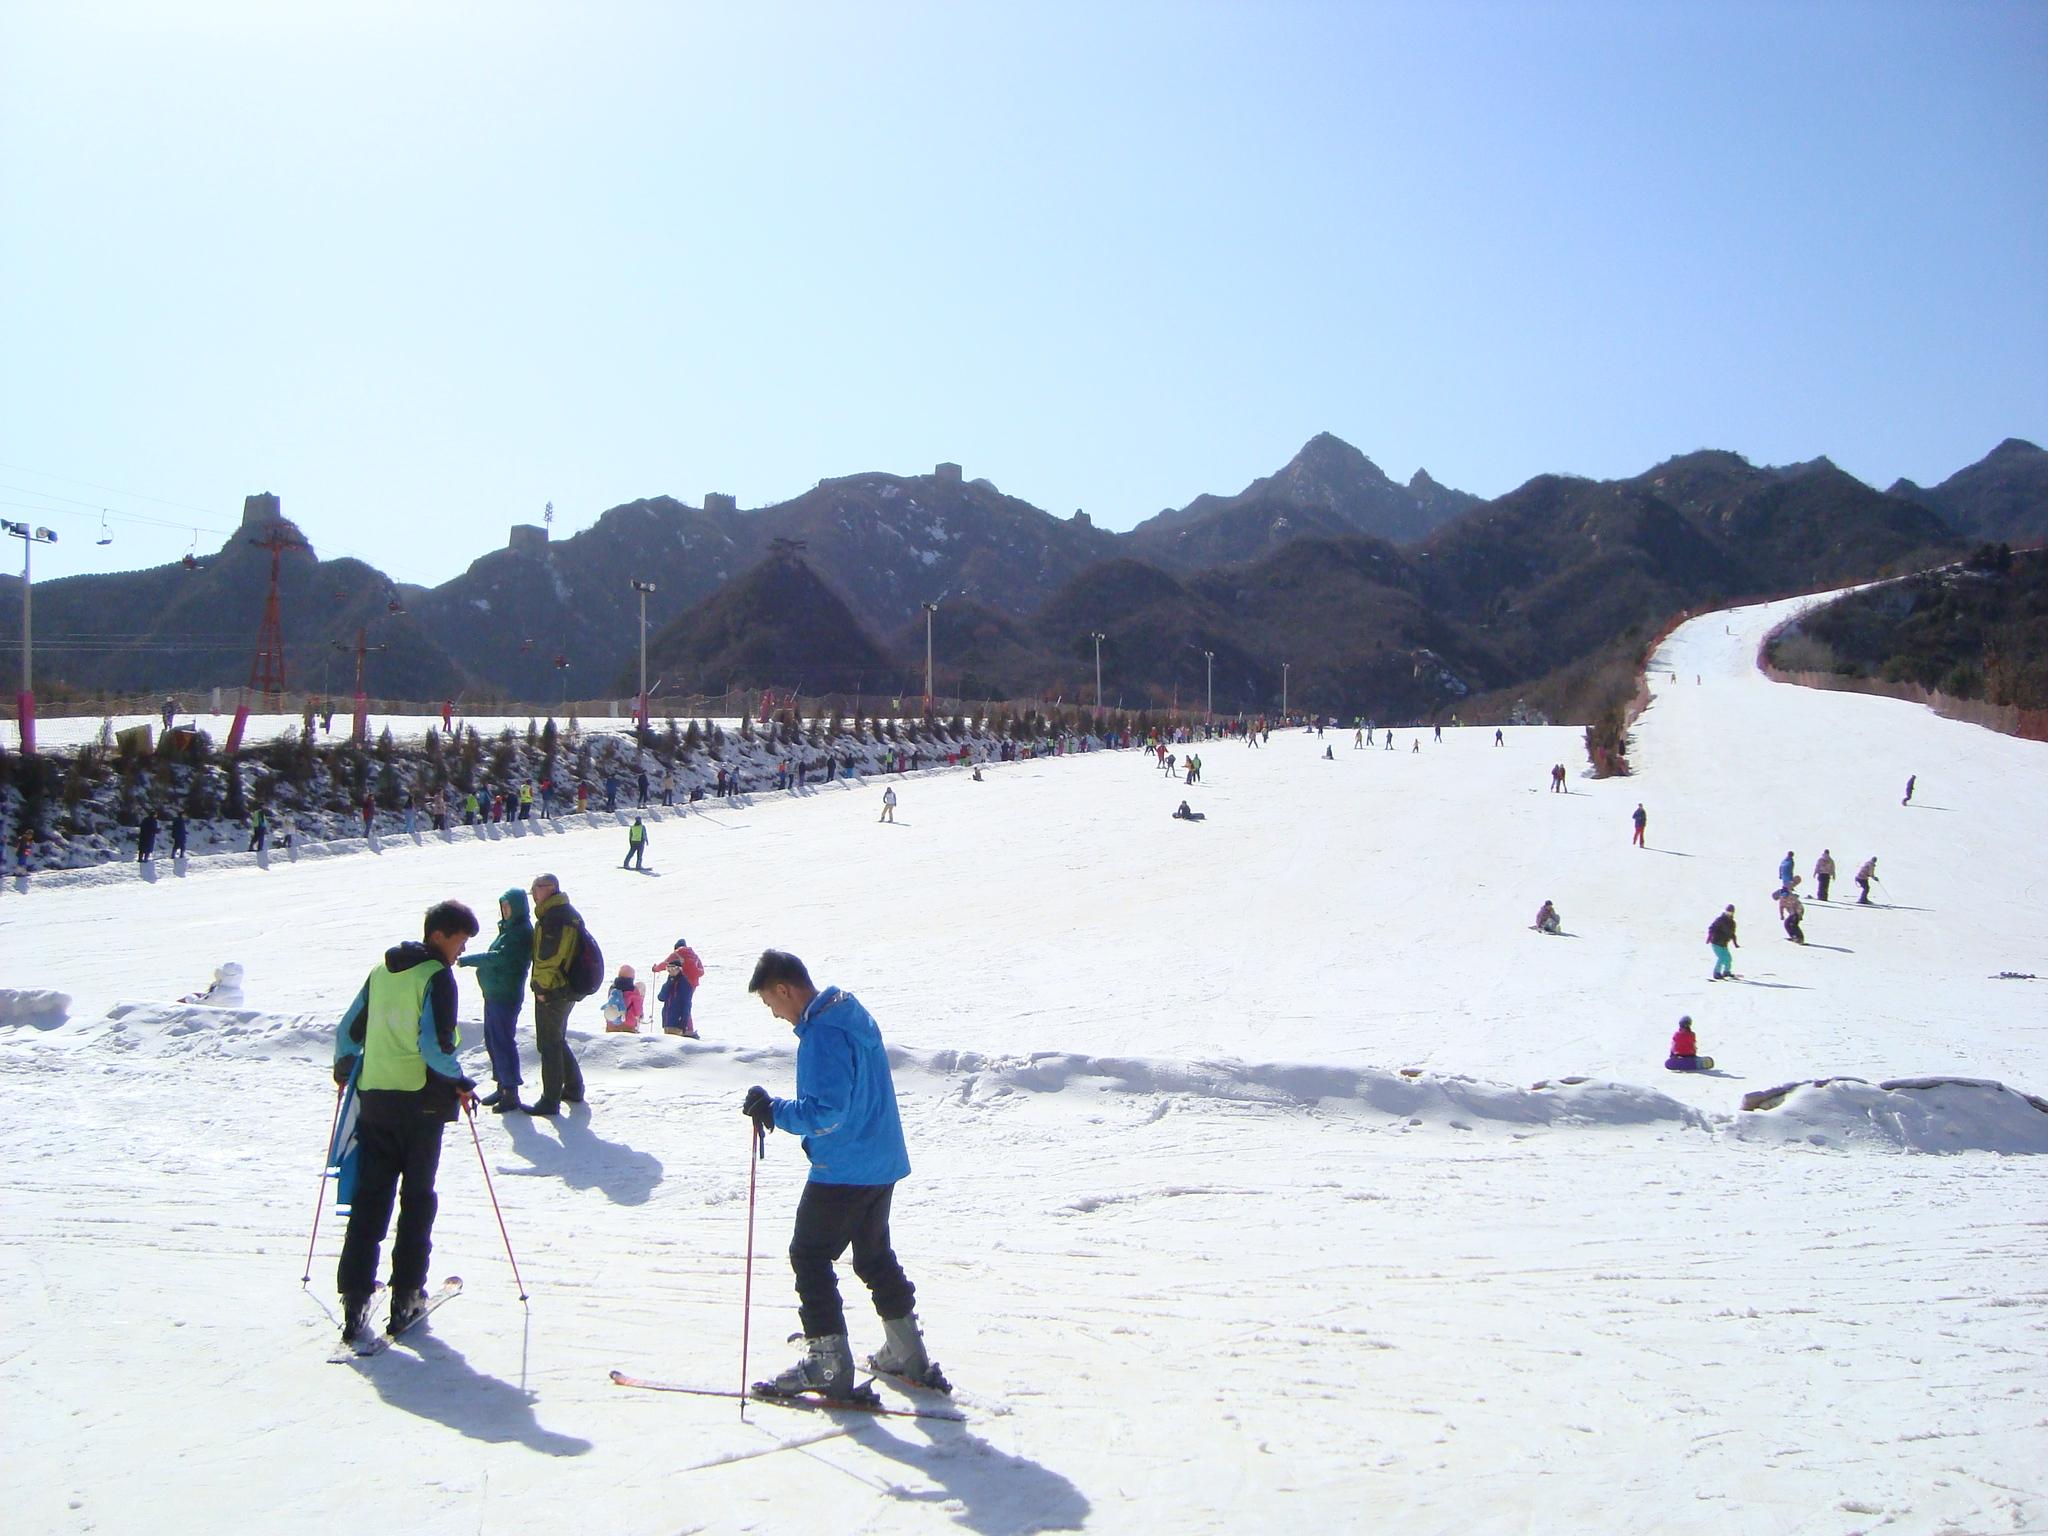 Skiing at Great Wall